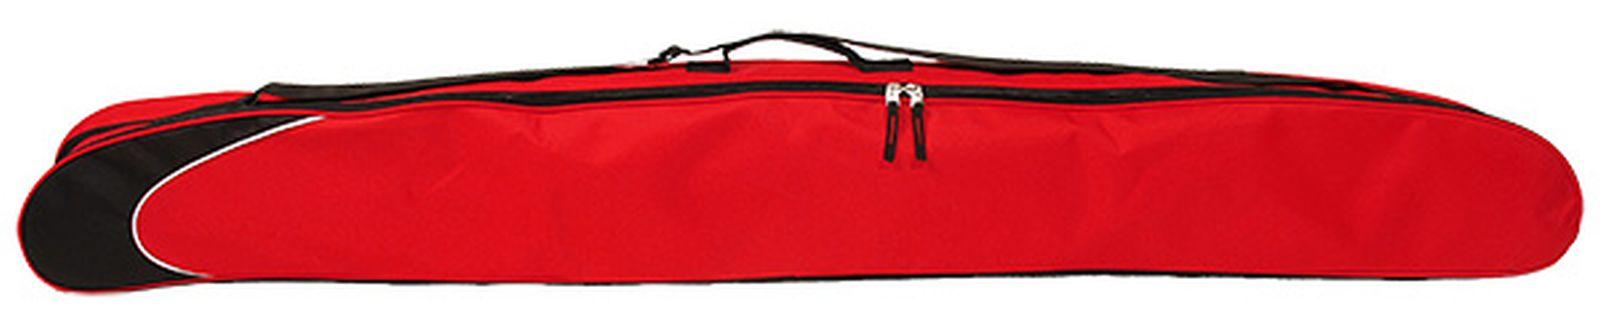 Prodecon Move 150 red-black